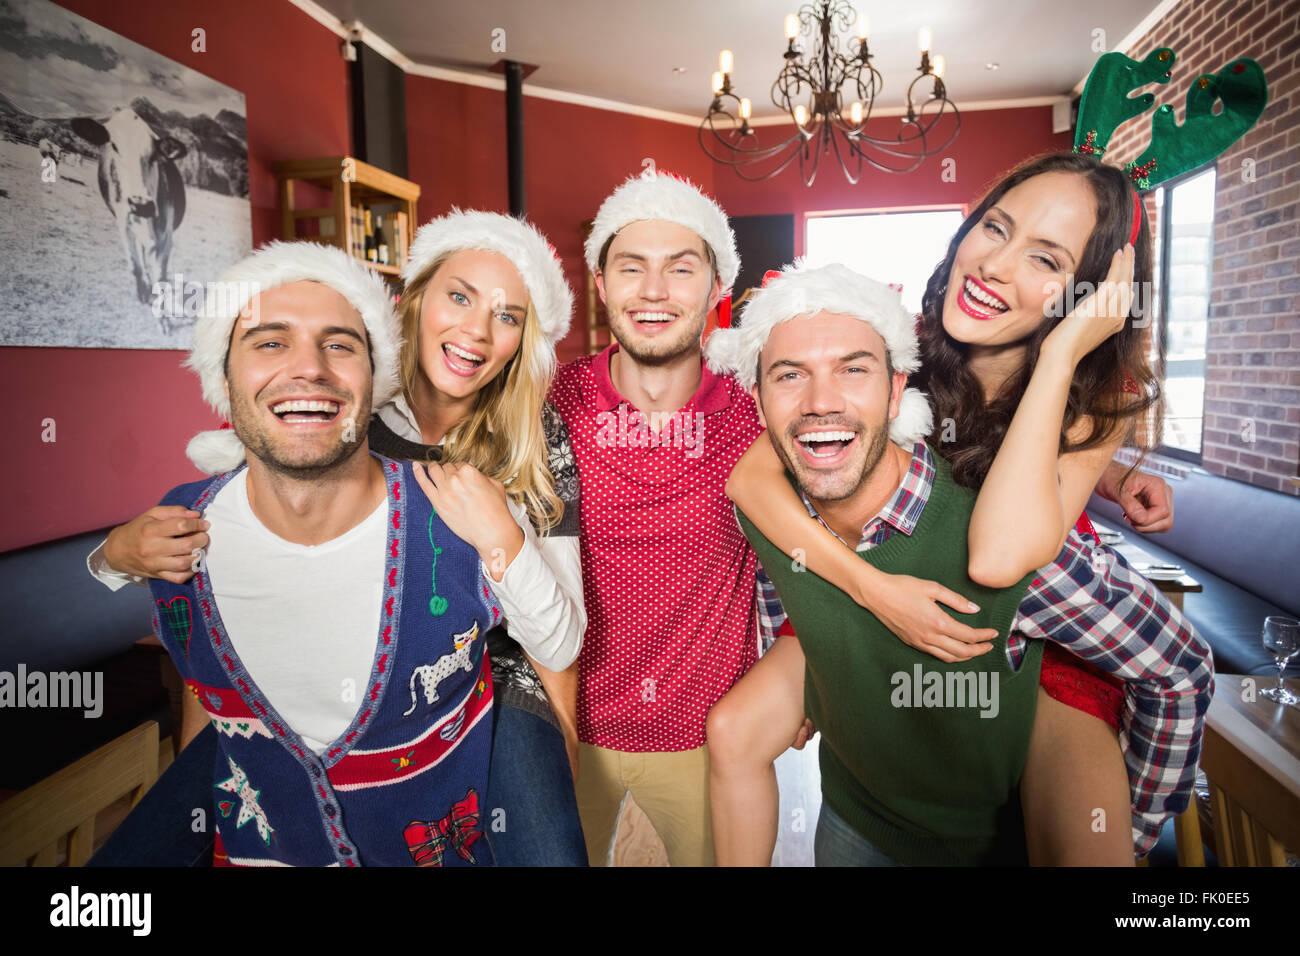 Hombres Vestidos De Navidad Vestidos De Mujer Dando Paseos